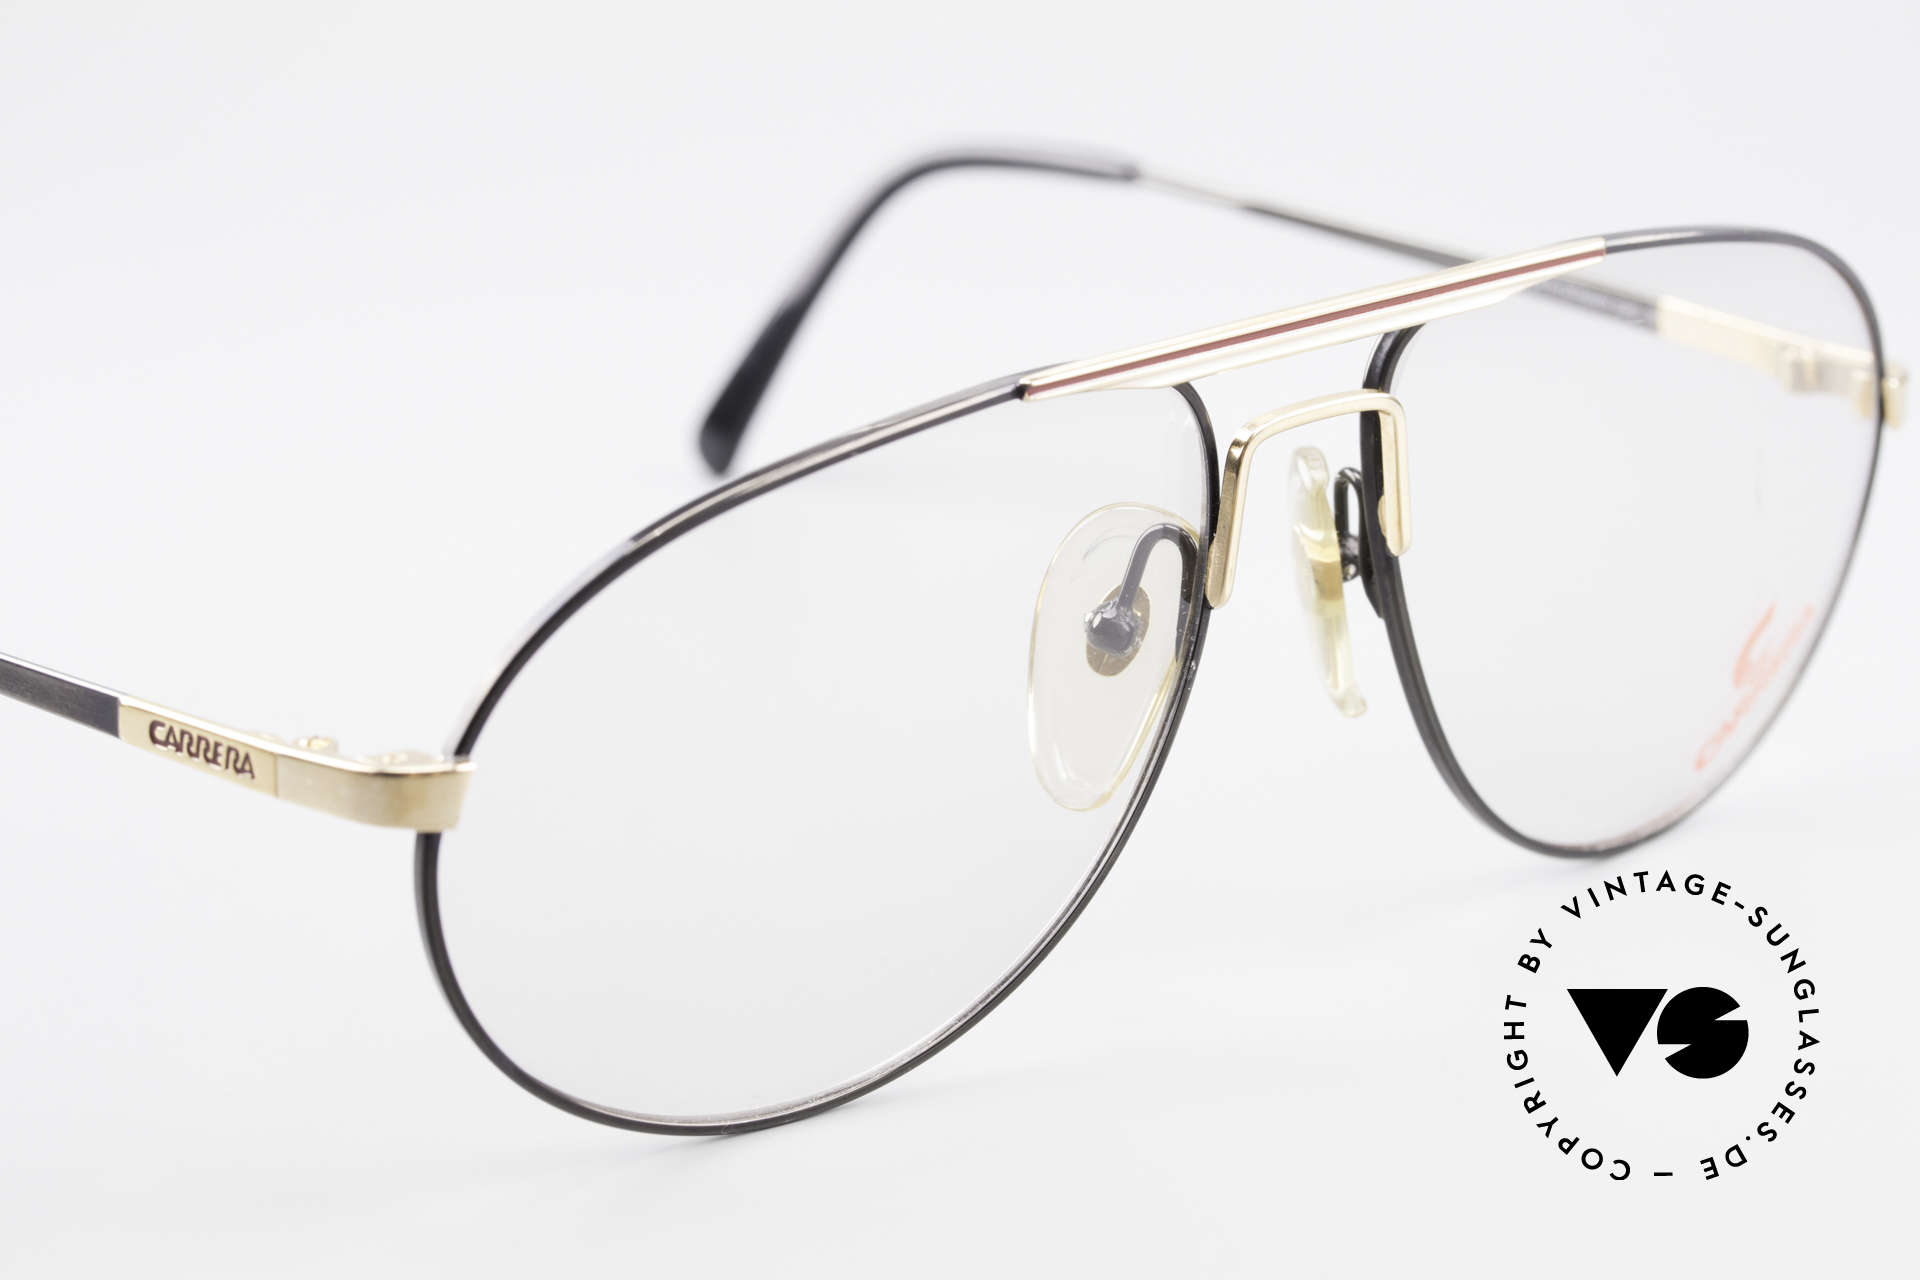 Carrera 5340 Vintage Aviator Brille No Retro, KEINE RETRObrille; ein 20 Jahre altes ORIGINAL, Passend für Herren